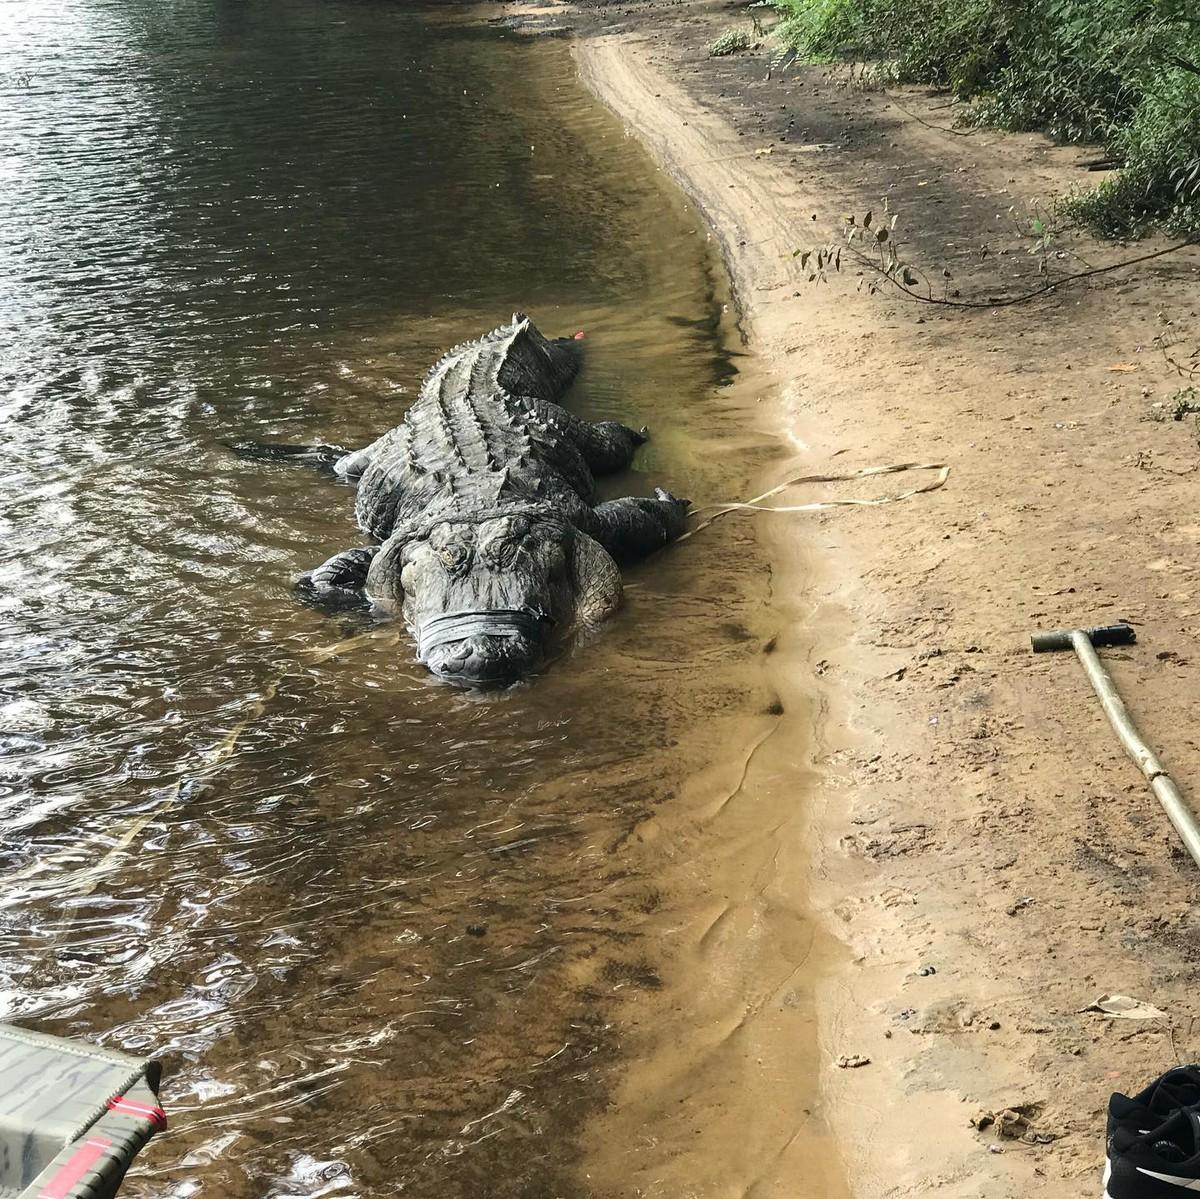 Охотники убили огромного аллигатора в штате Джорджия